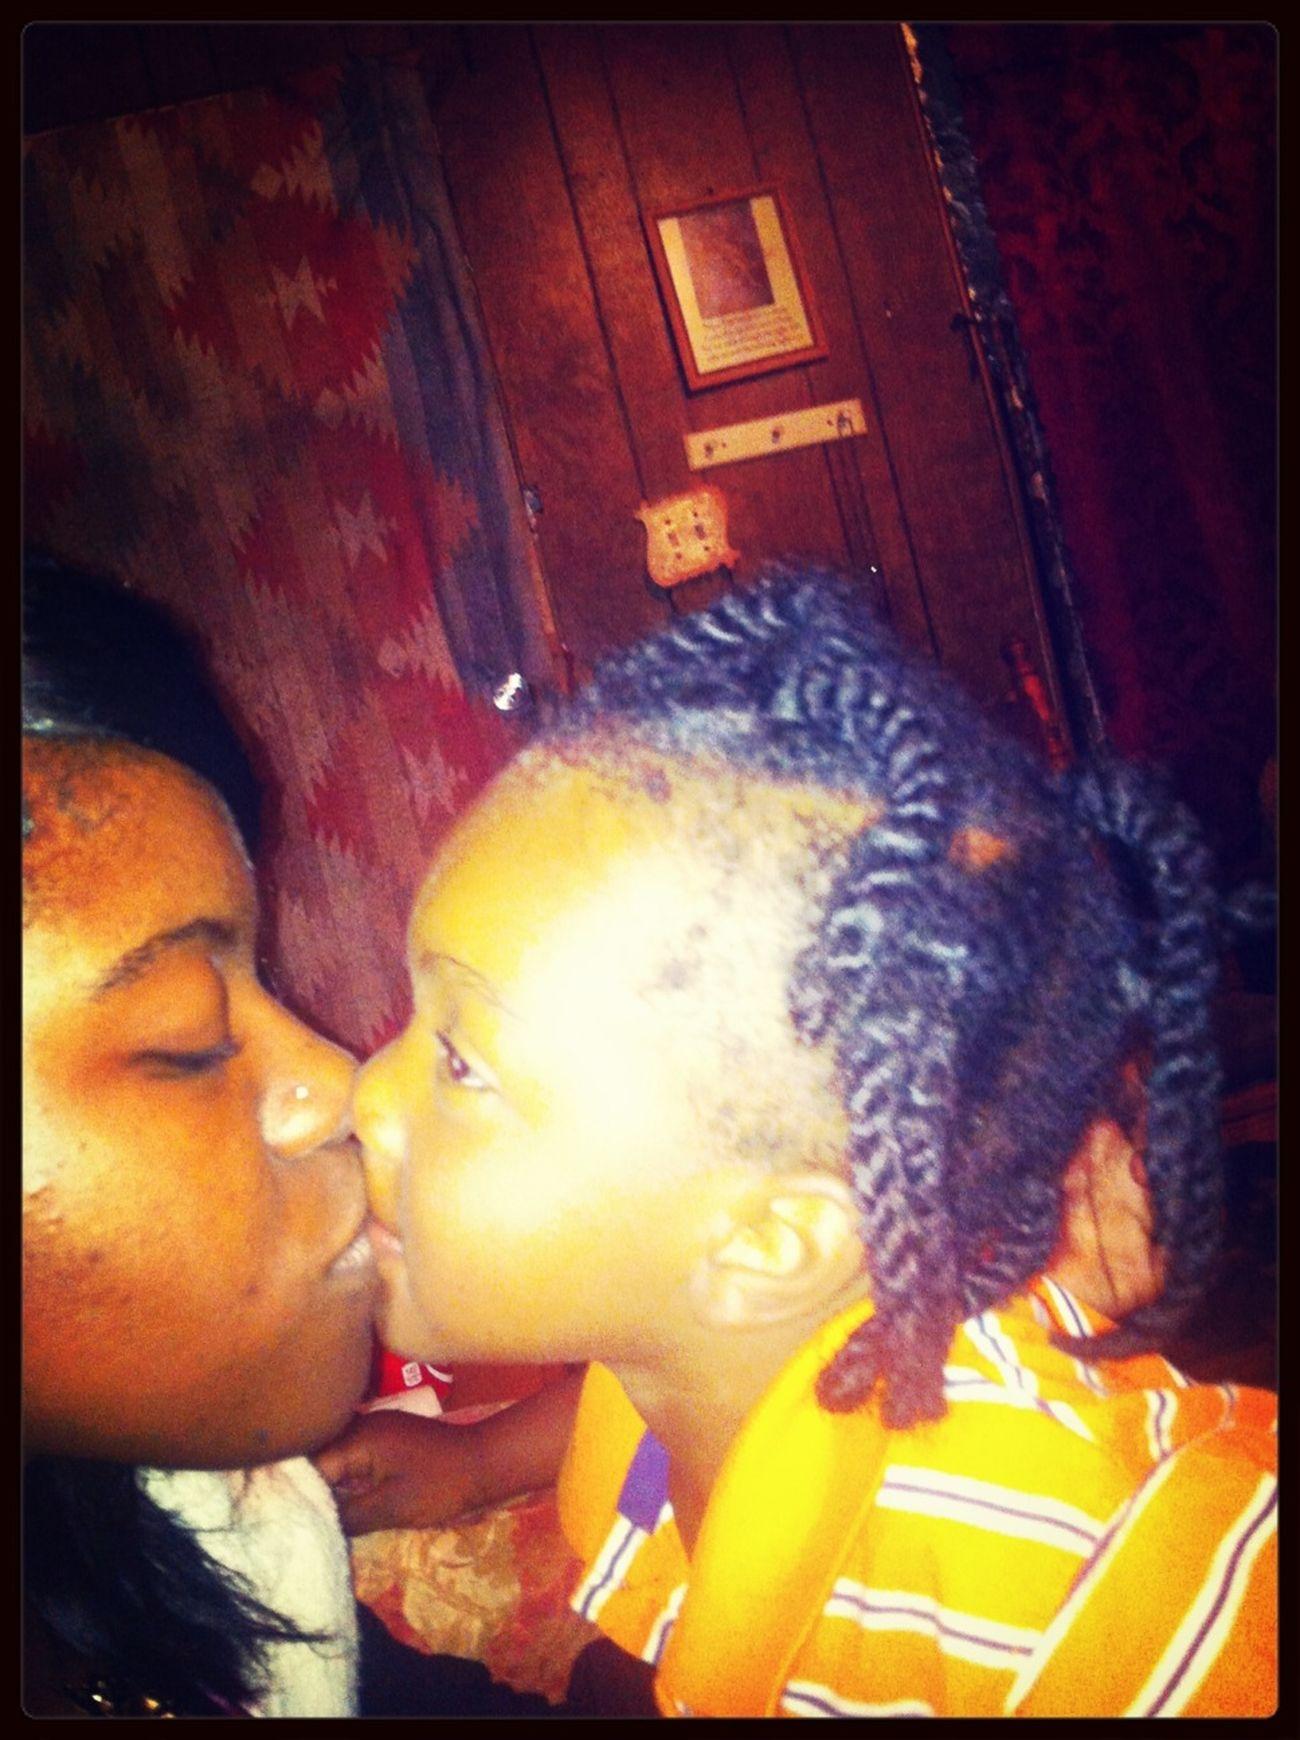 Me&&nd My Love